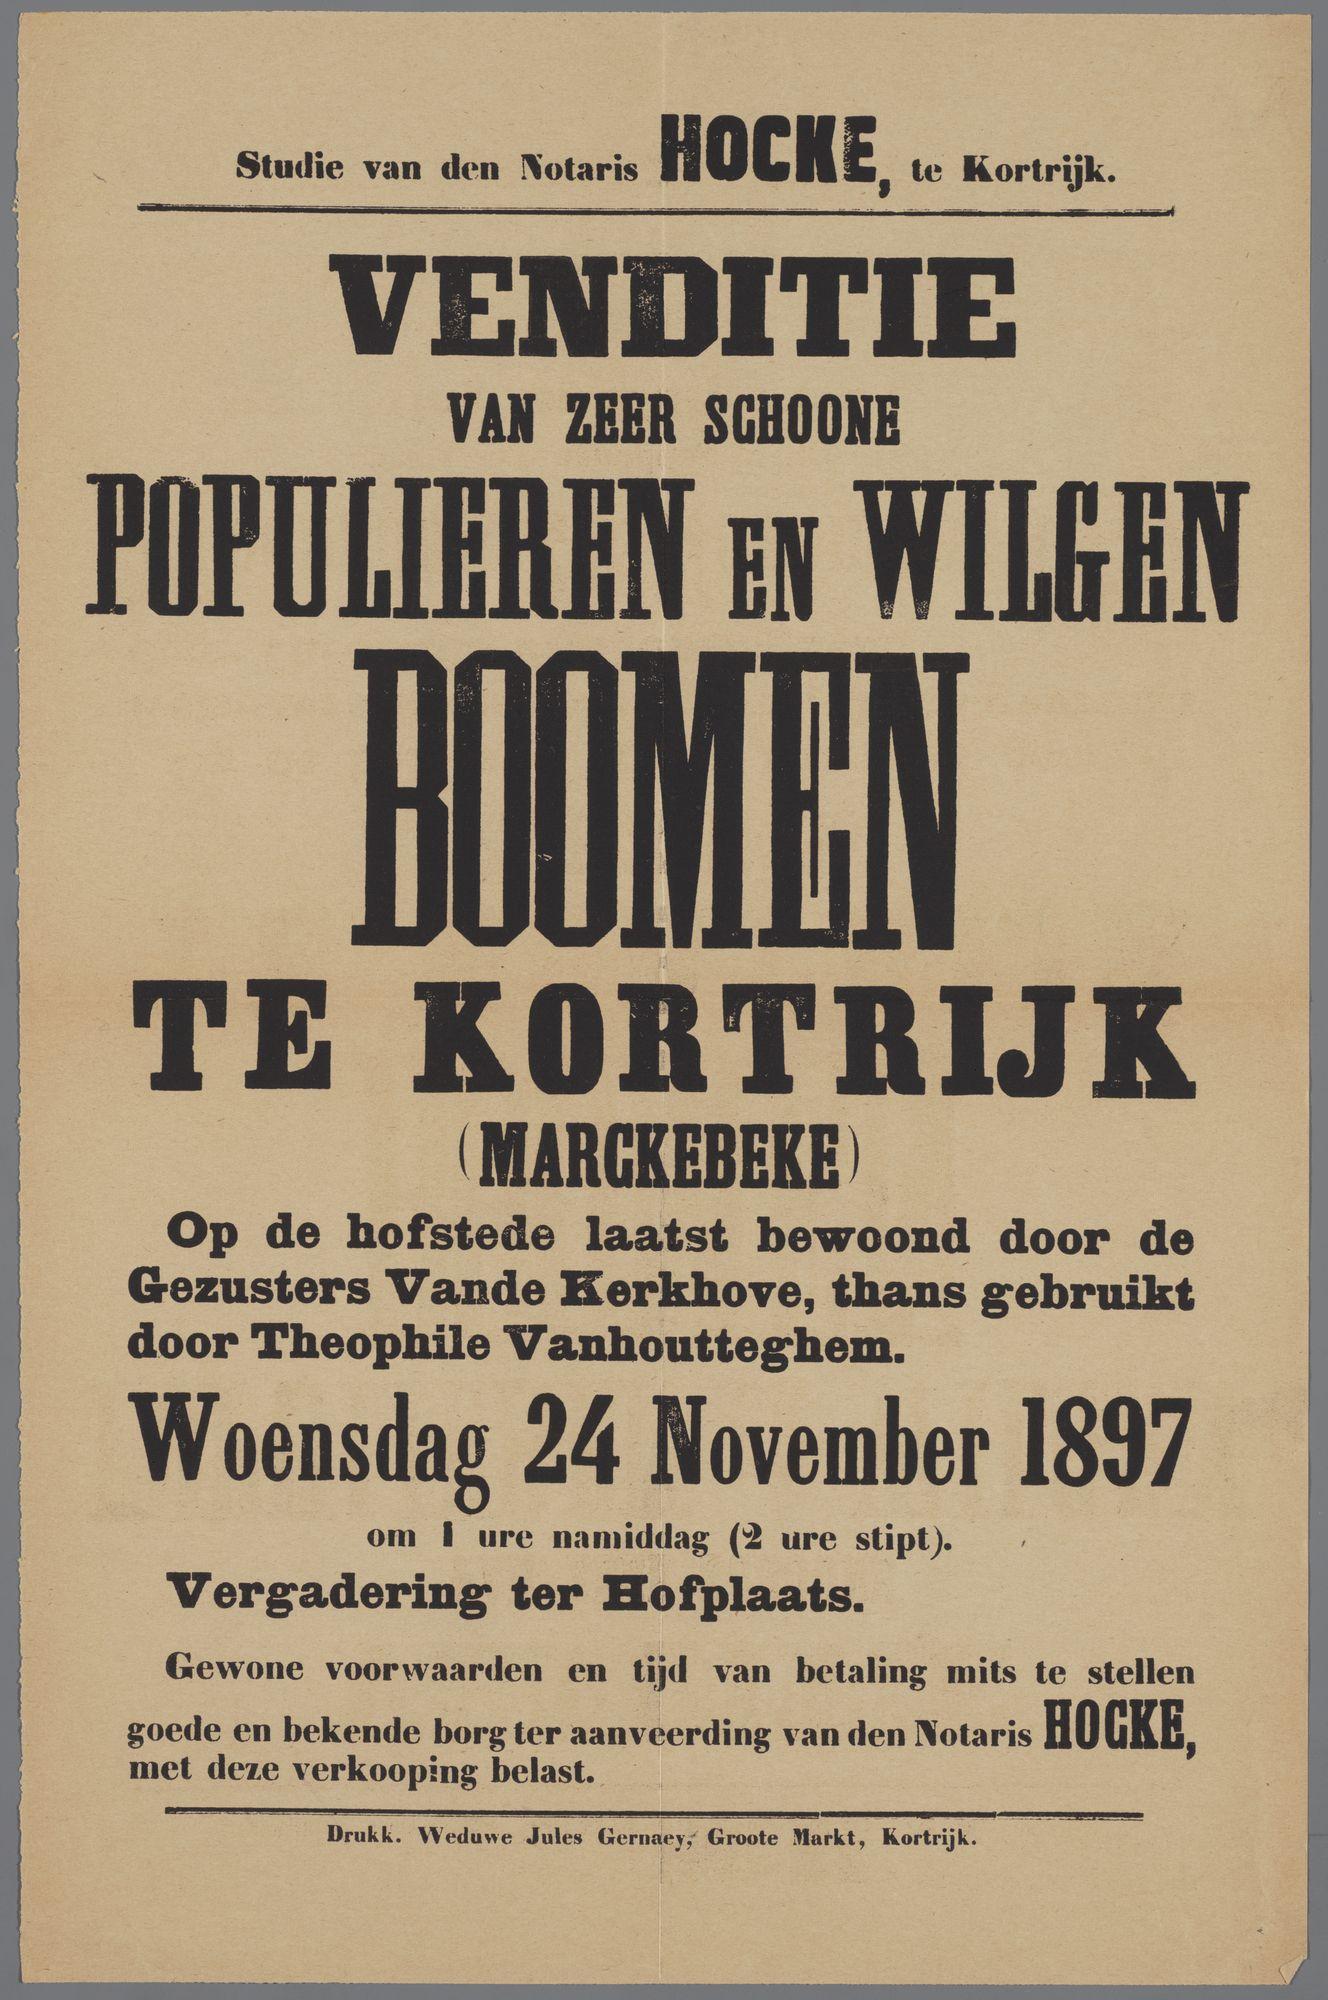 Verkoop van bomen: populieren en wilgen in 1897